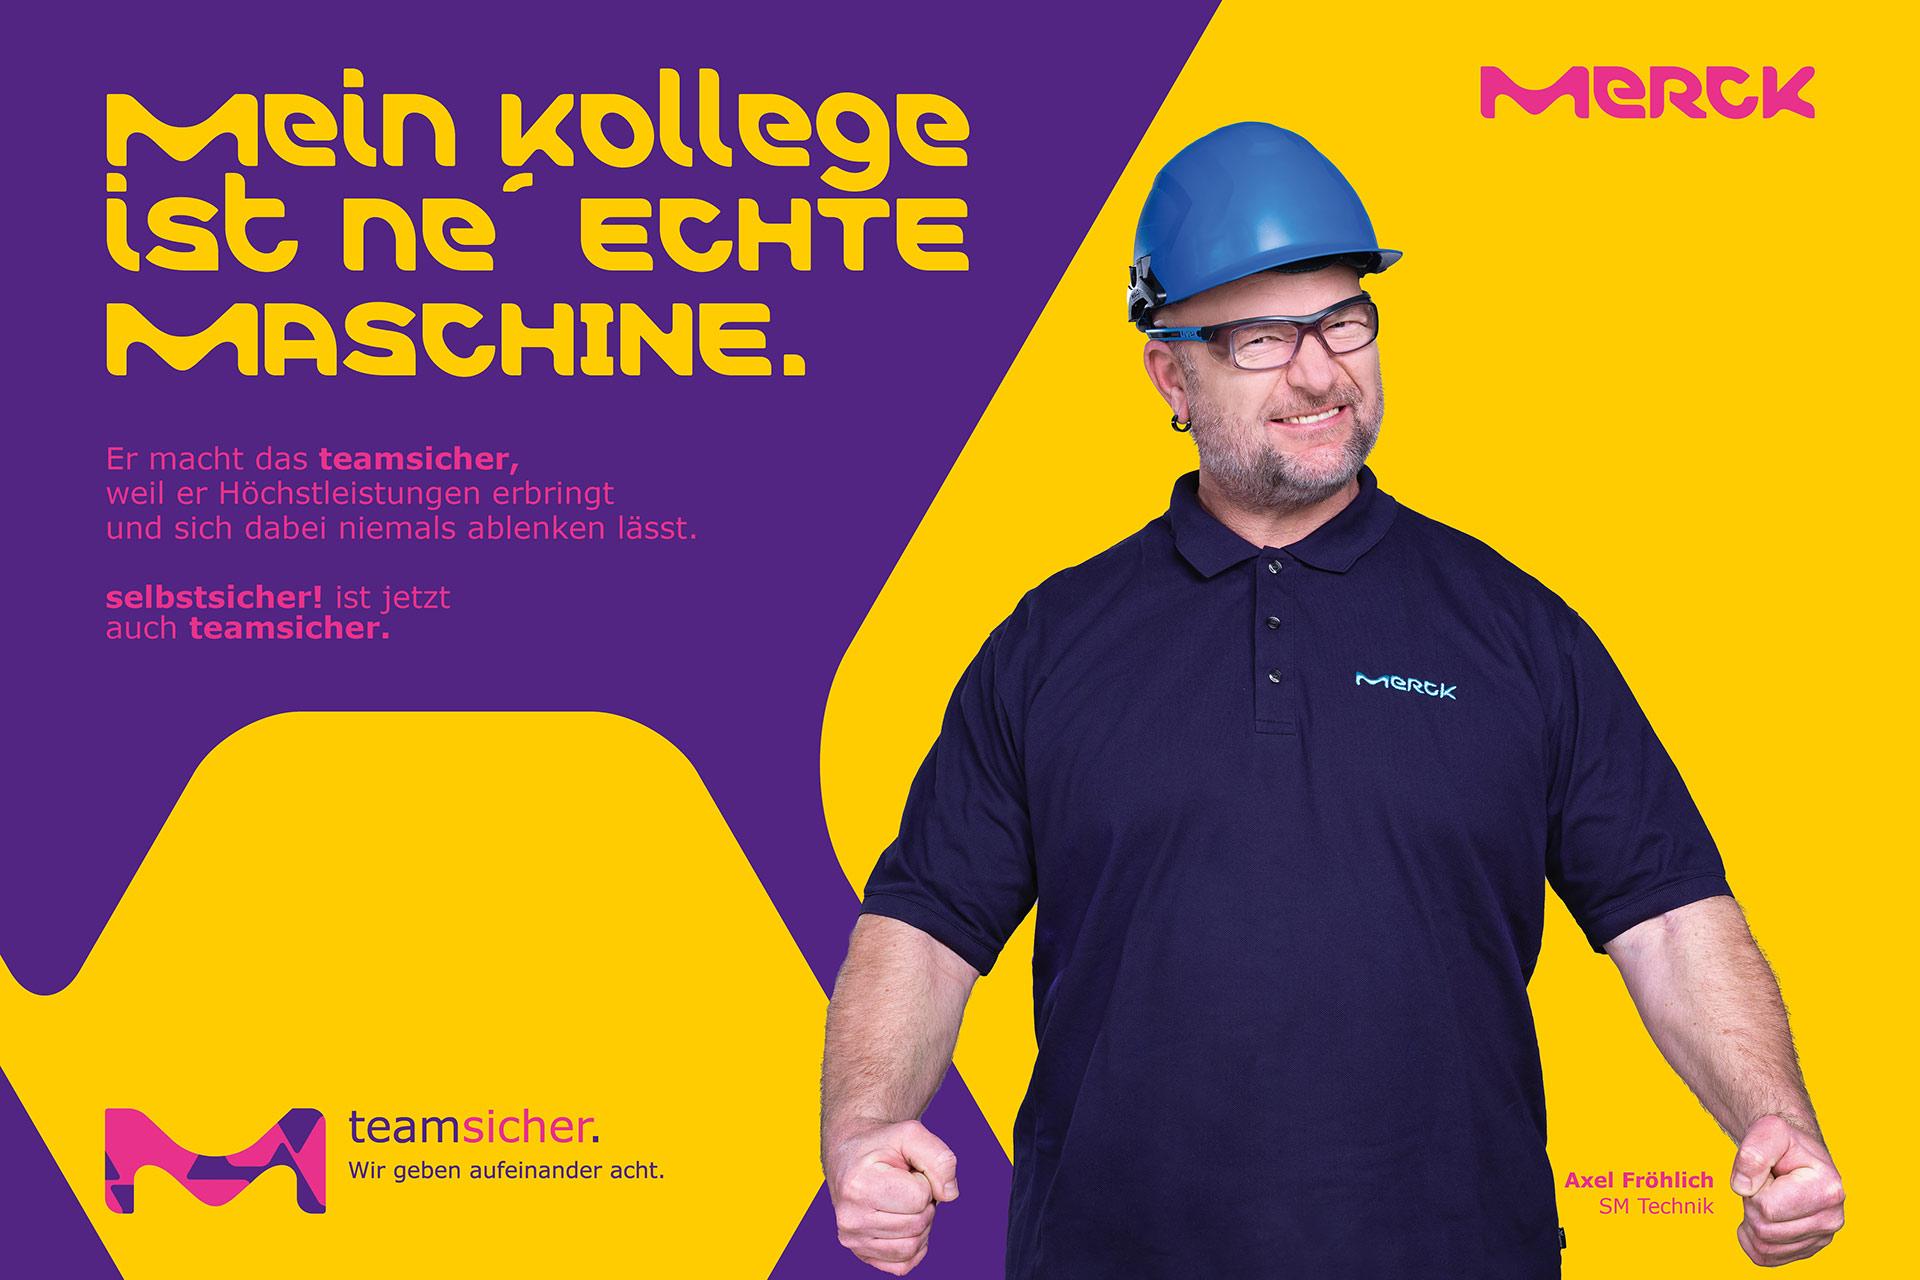 Agentur Ressmann | Merck Mitarbeiterkampagne 07